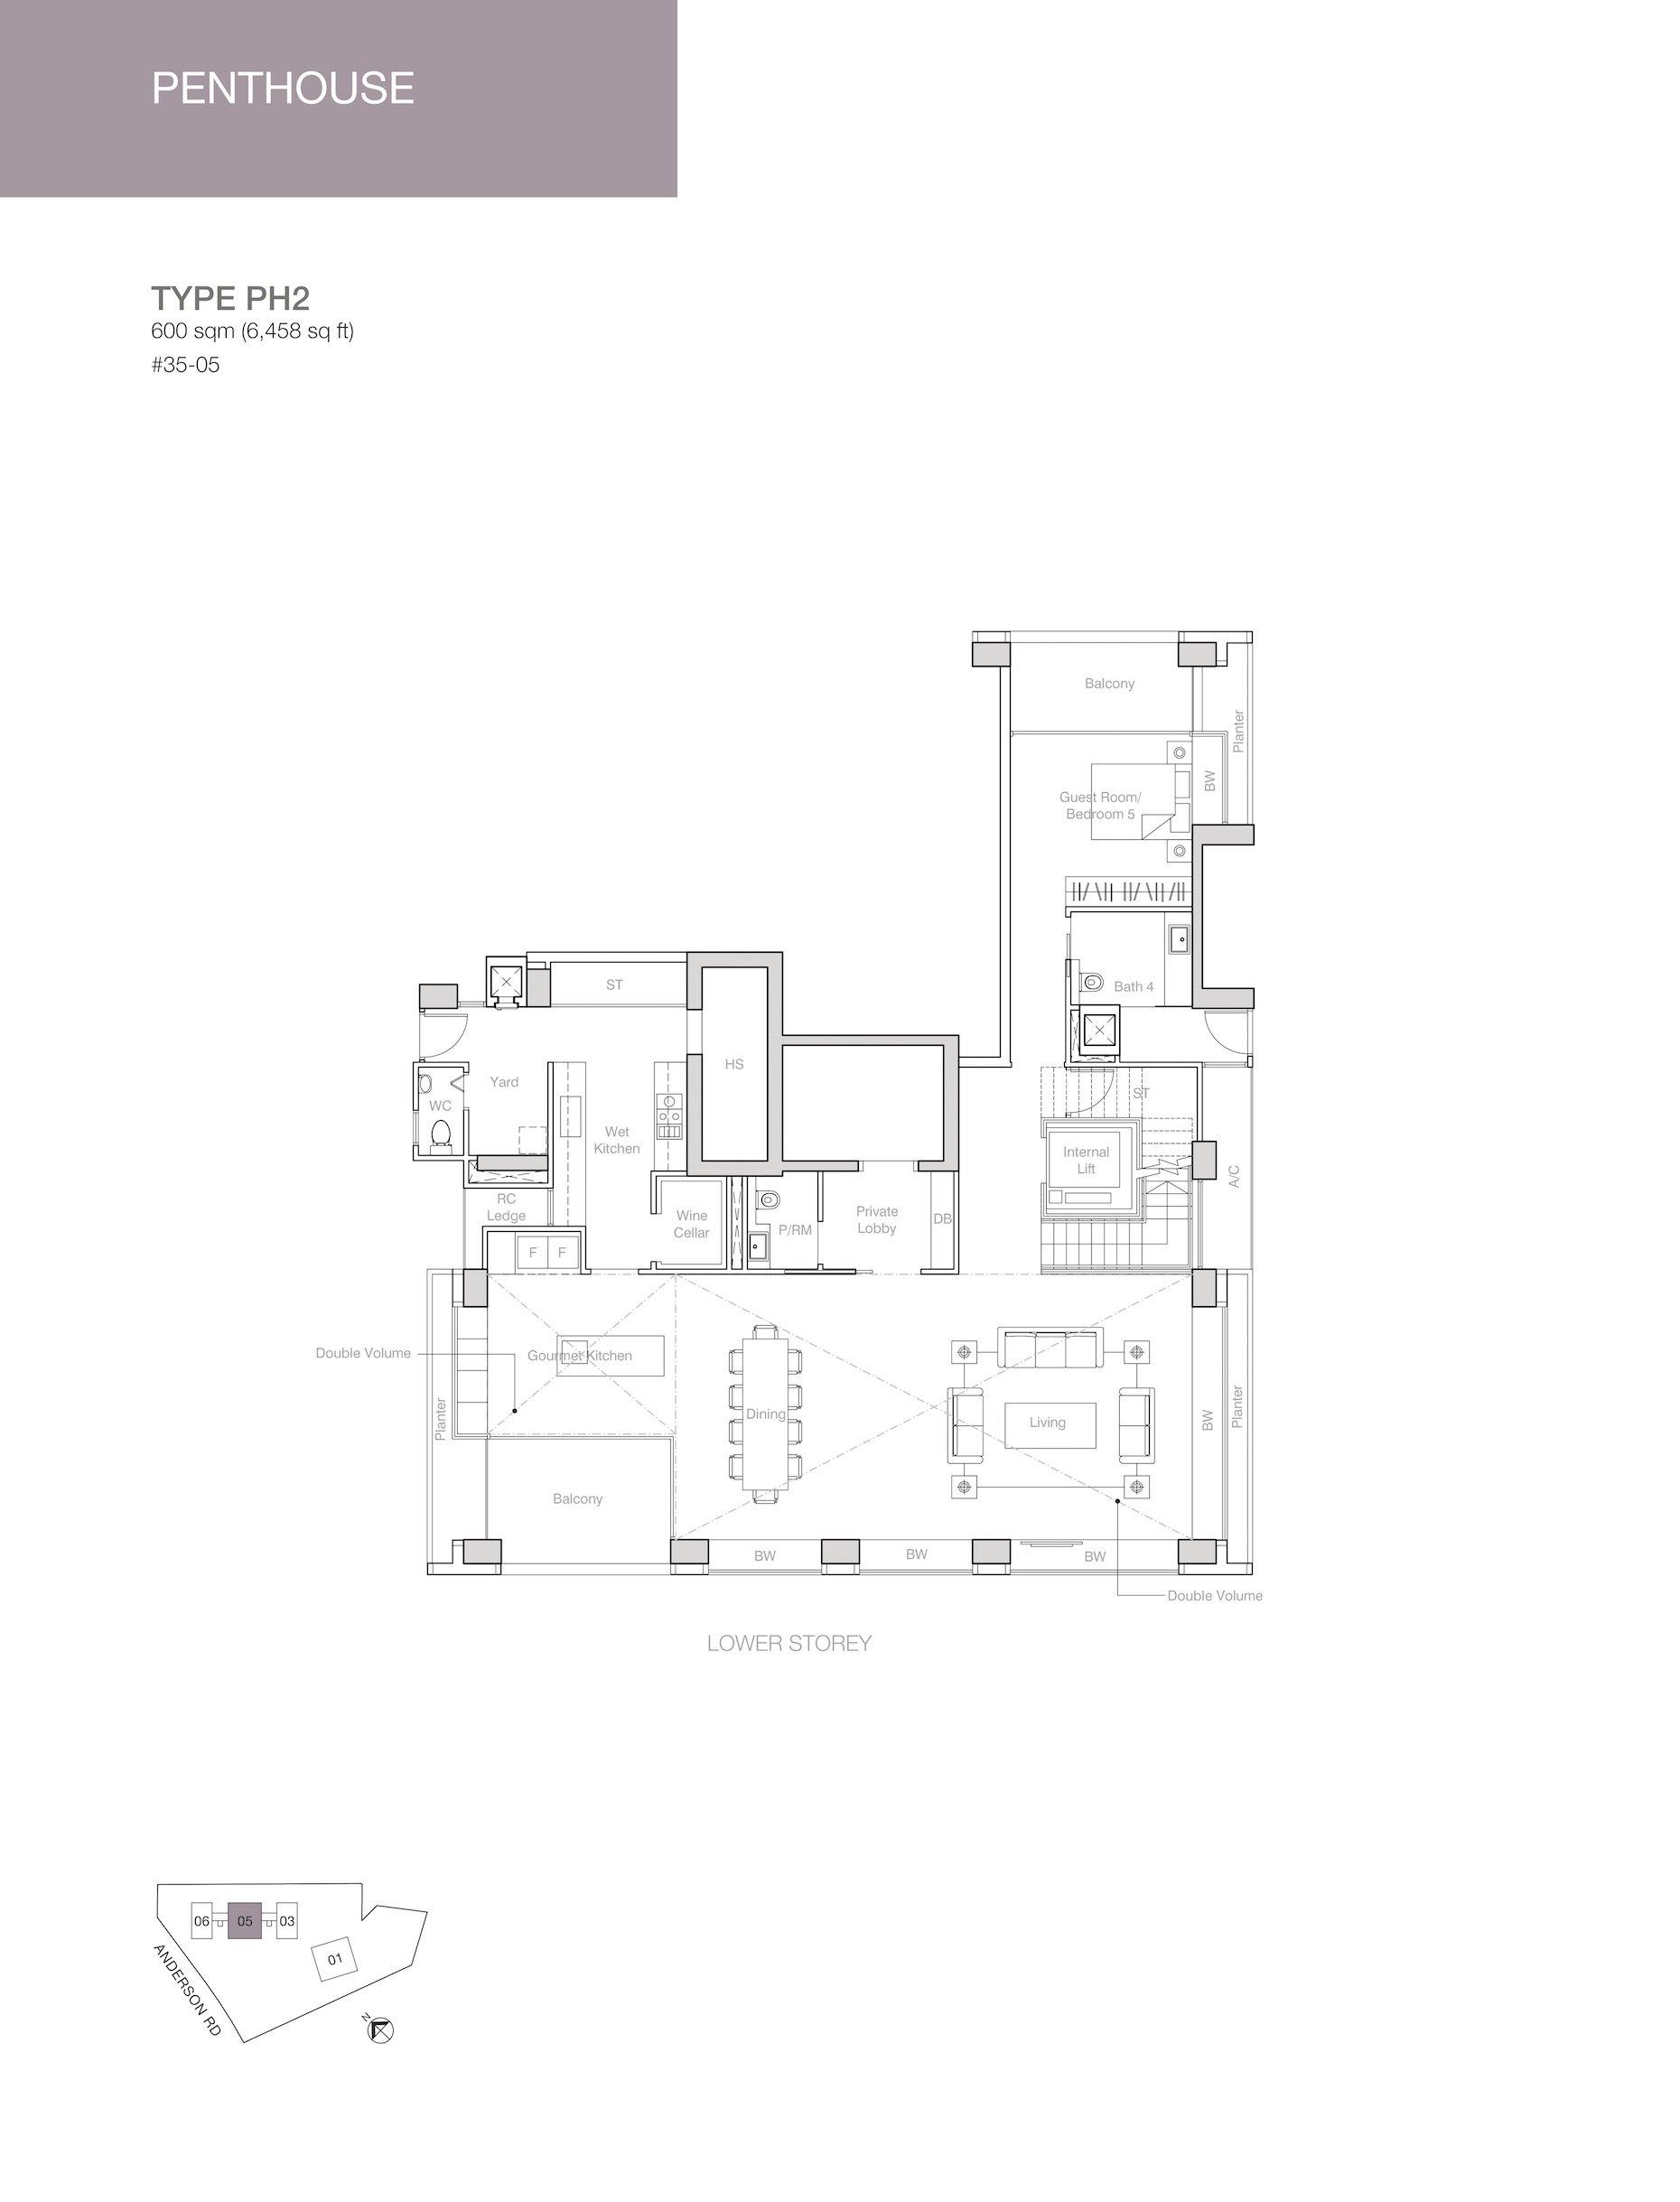 Nouvel 18 明筑公寓 floor plans PH2 35-05